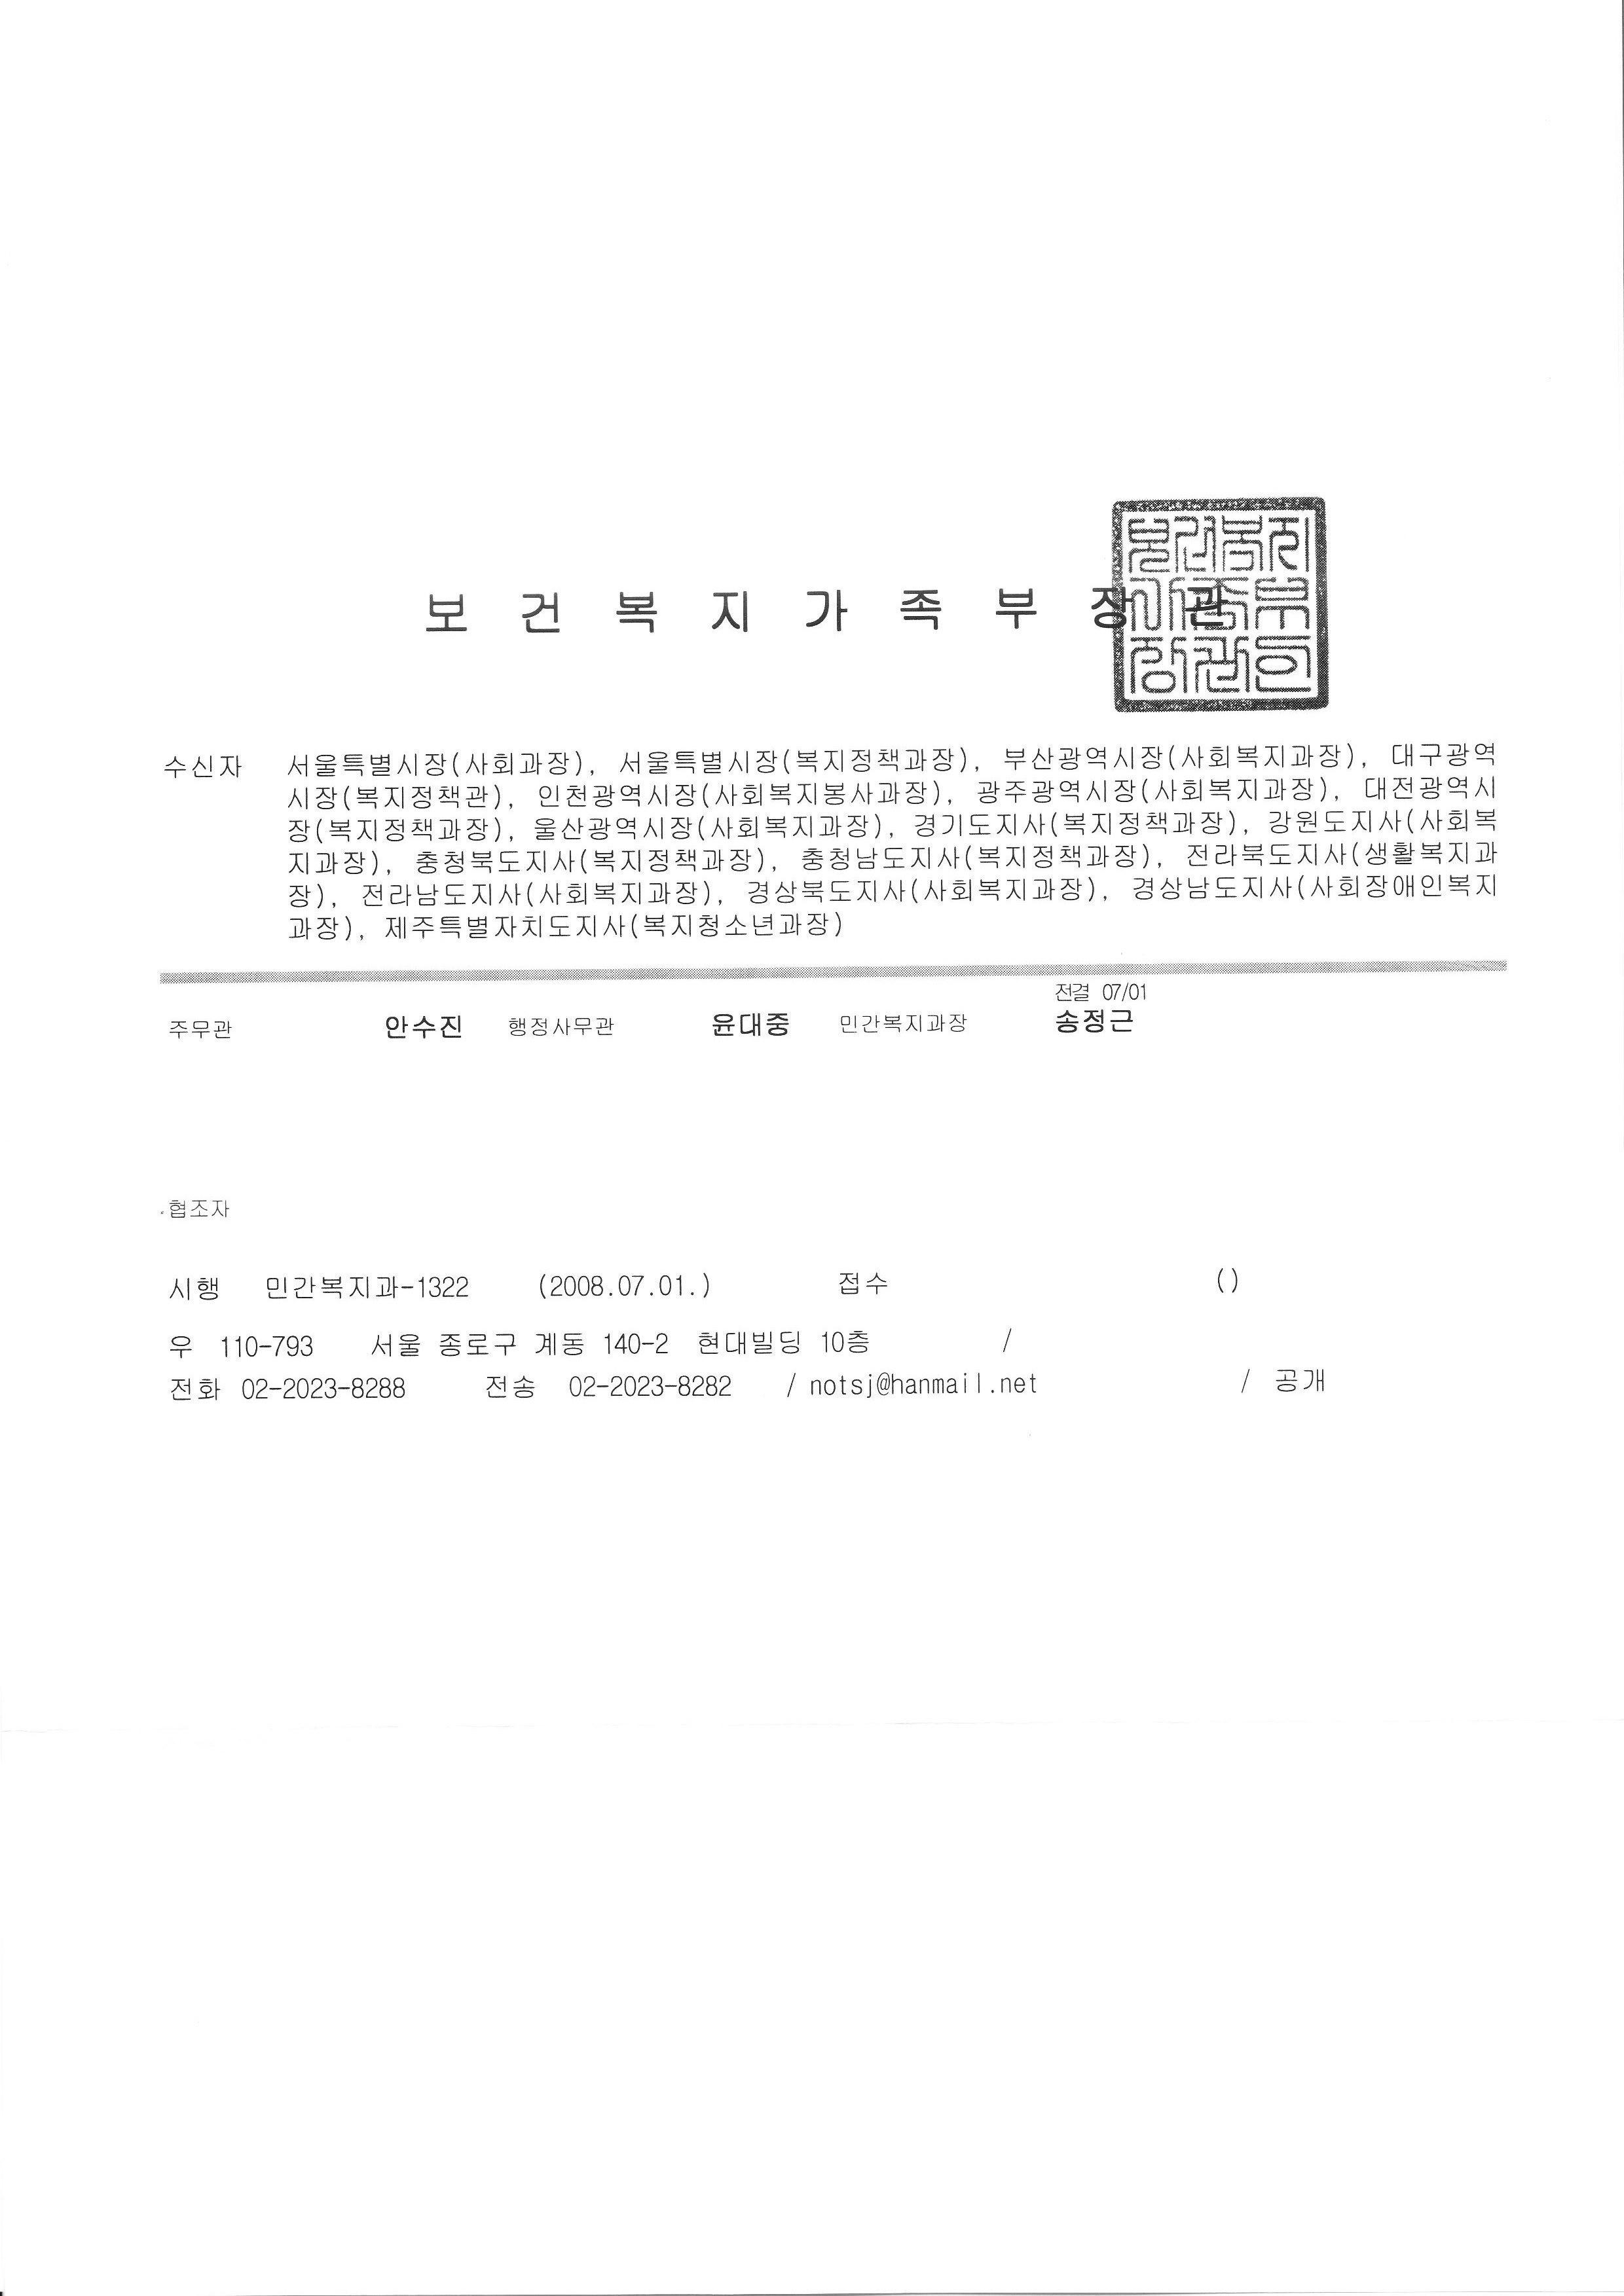 복지부 제출, 게시 통보 공문_0001.jpg